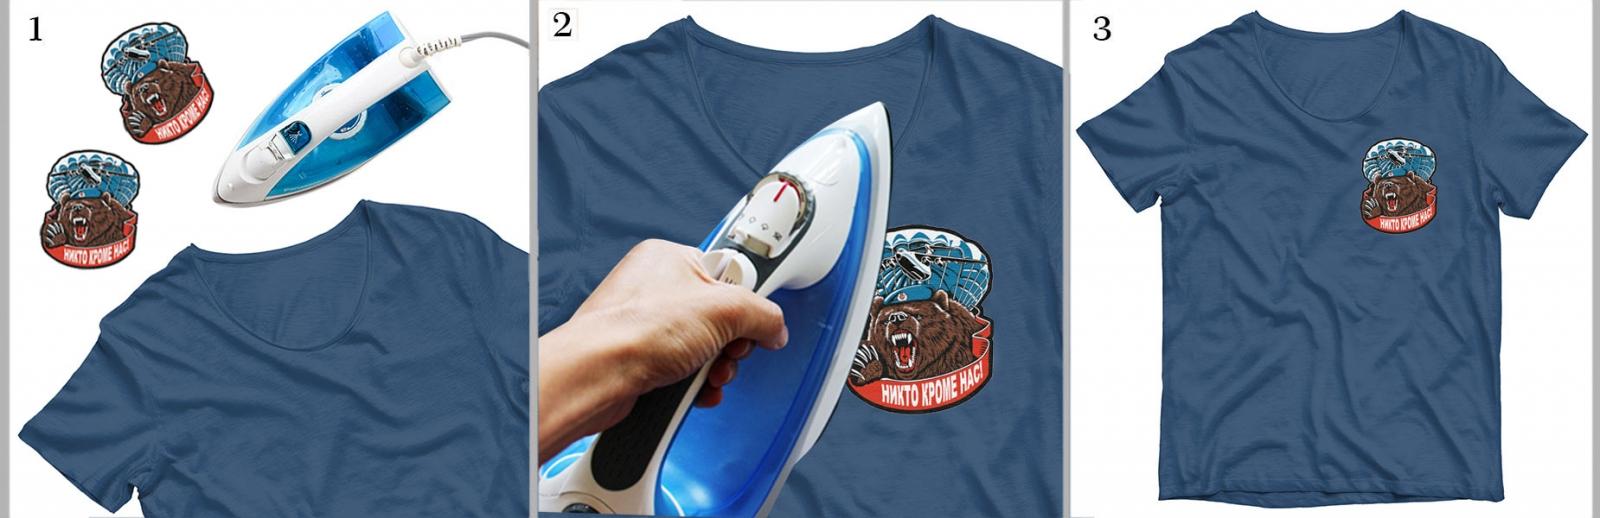 """Нашивка """"Медведь в берете ВДВ"""" на футболке"""